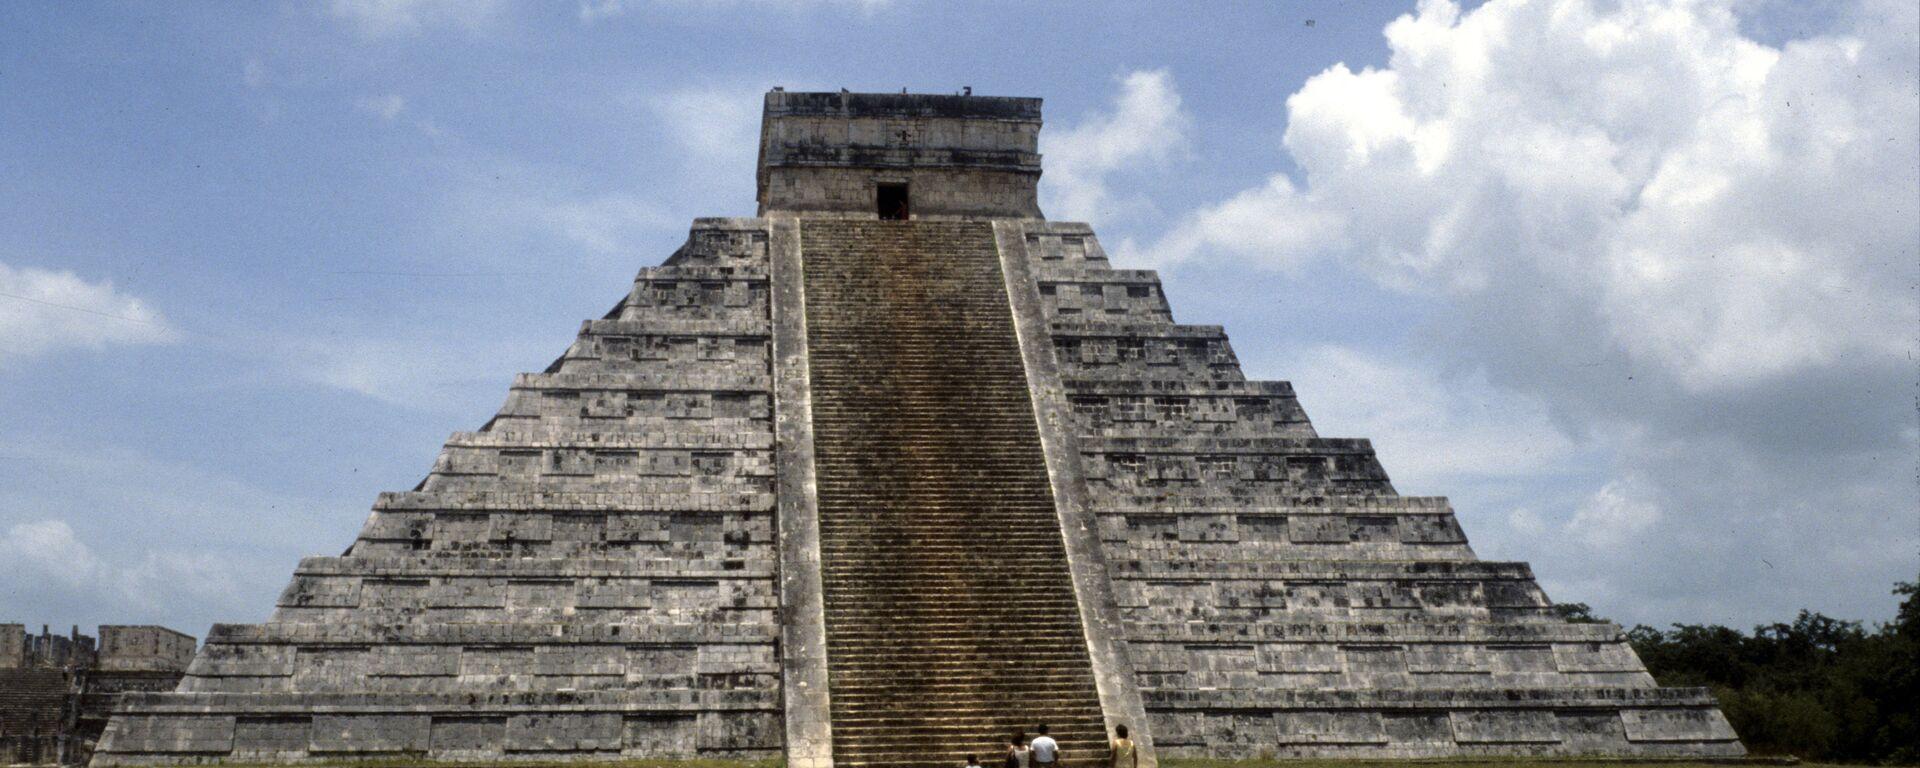 El templo de Kukulcán, en Chichén Itzá, uno de los complejos arqueológicos mayas más importantes de México - Sputnik Mundo, 1920, 14.09.2021